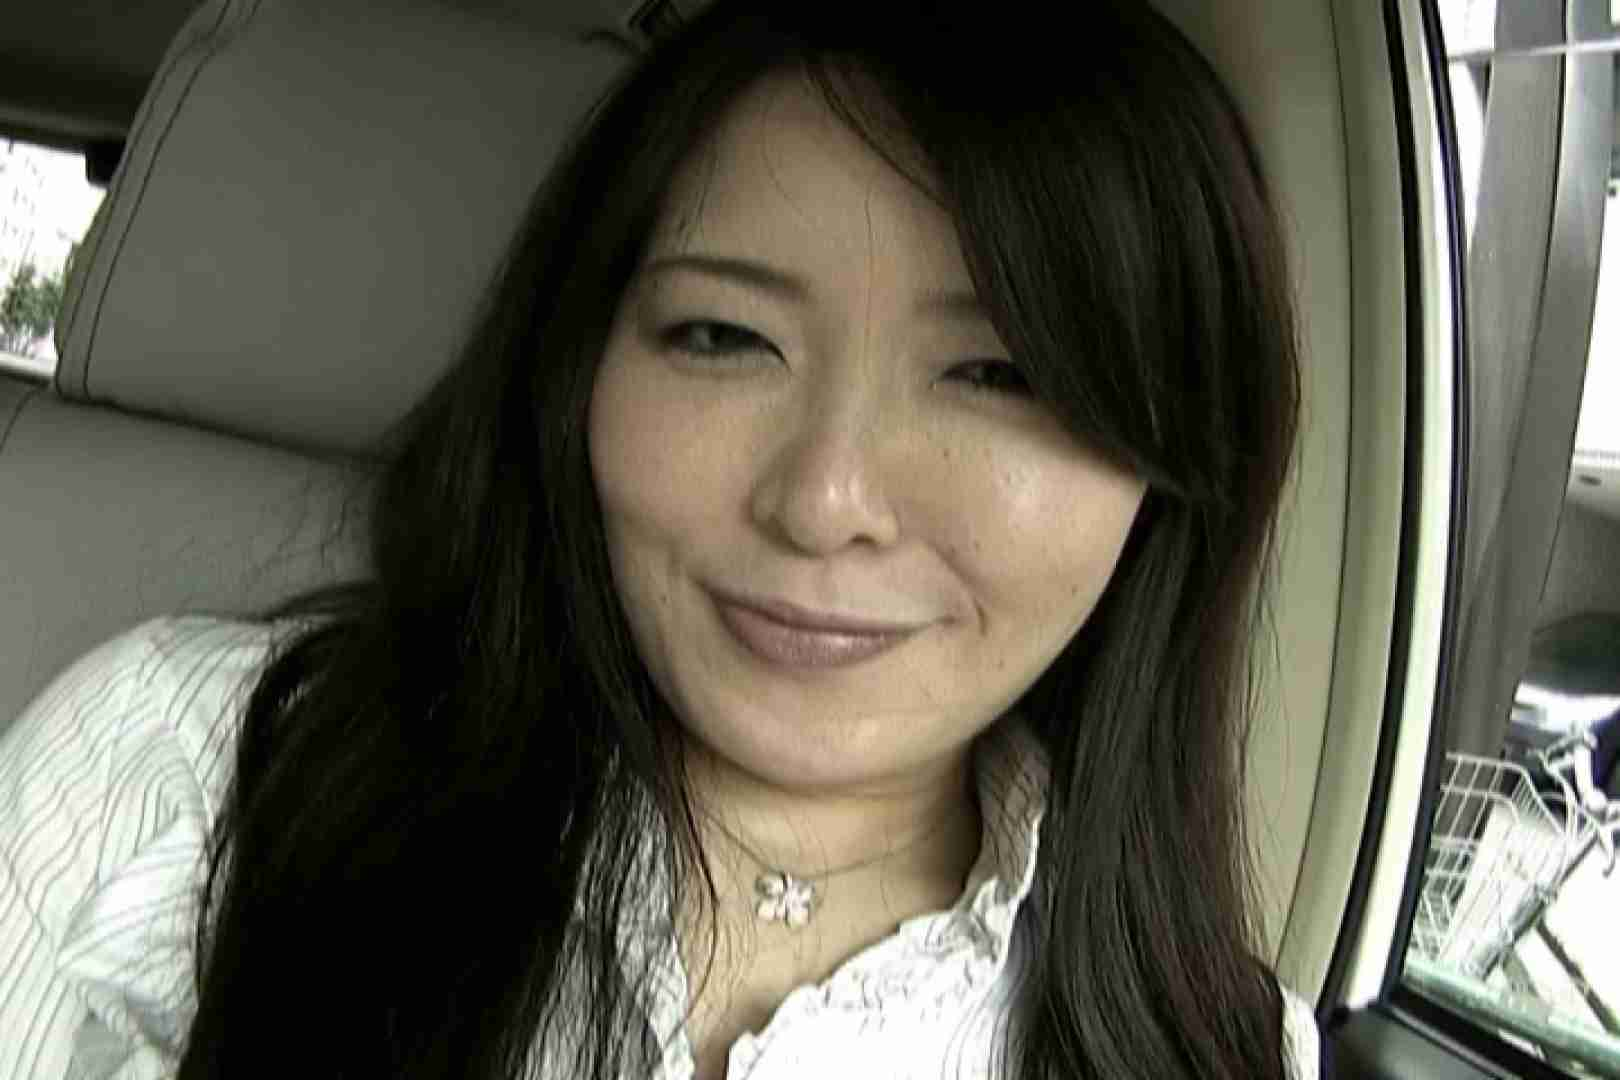 素人ナンパ本番撮り!出会い系でGET!Vol.12 ナンパ AV無料動画キャプチャ 91pic 62